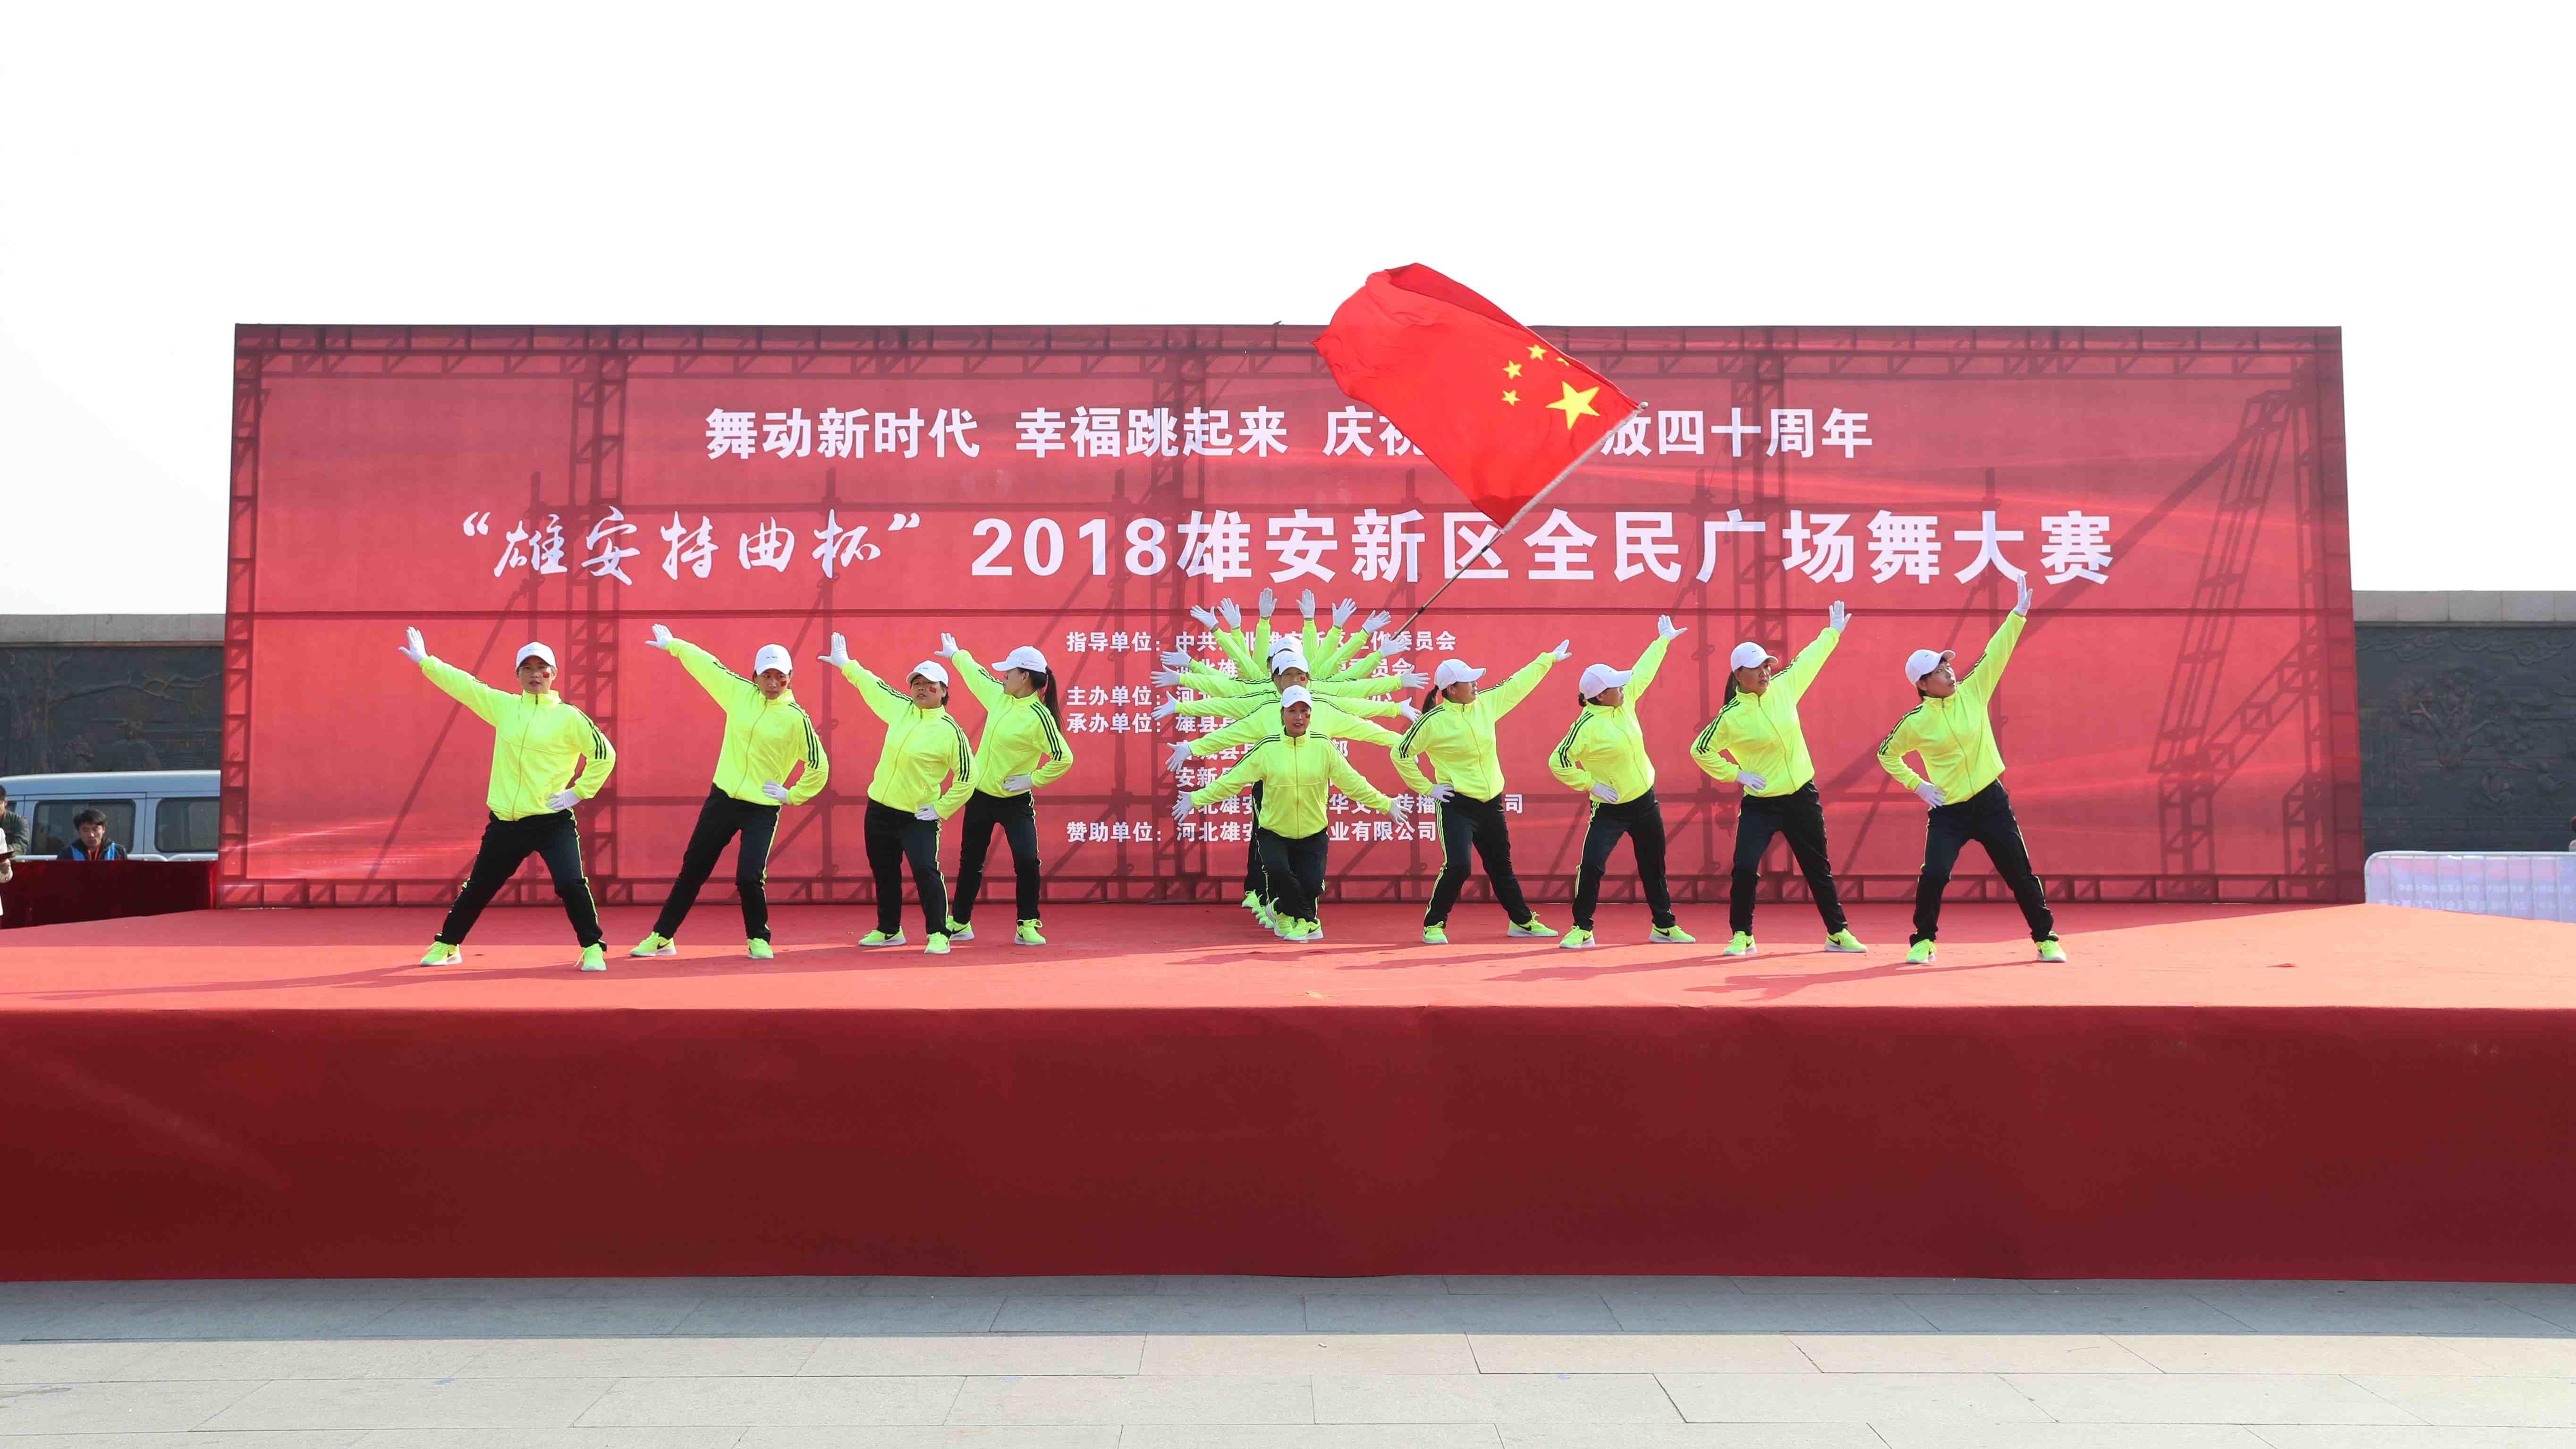 【视频】2018雄安新区全民广场舞大赛决赛举行